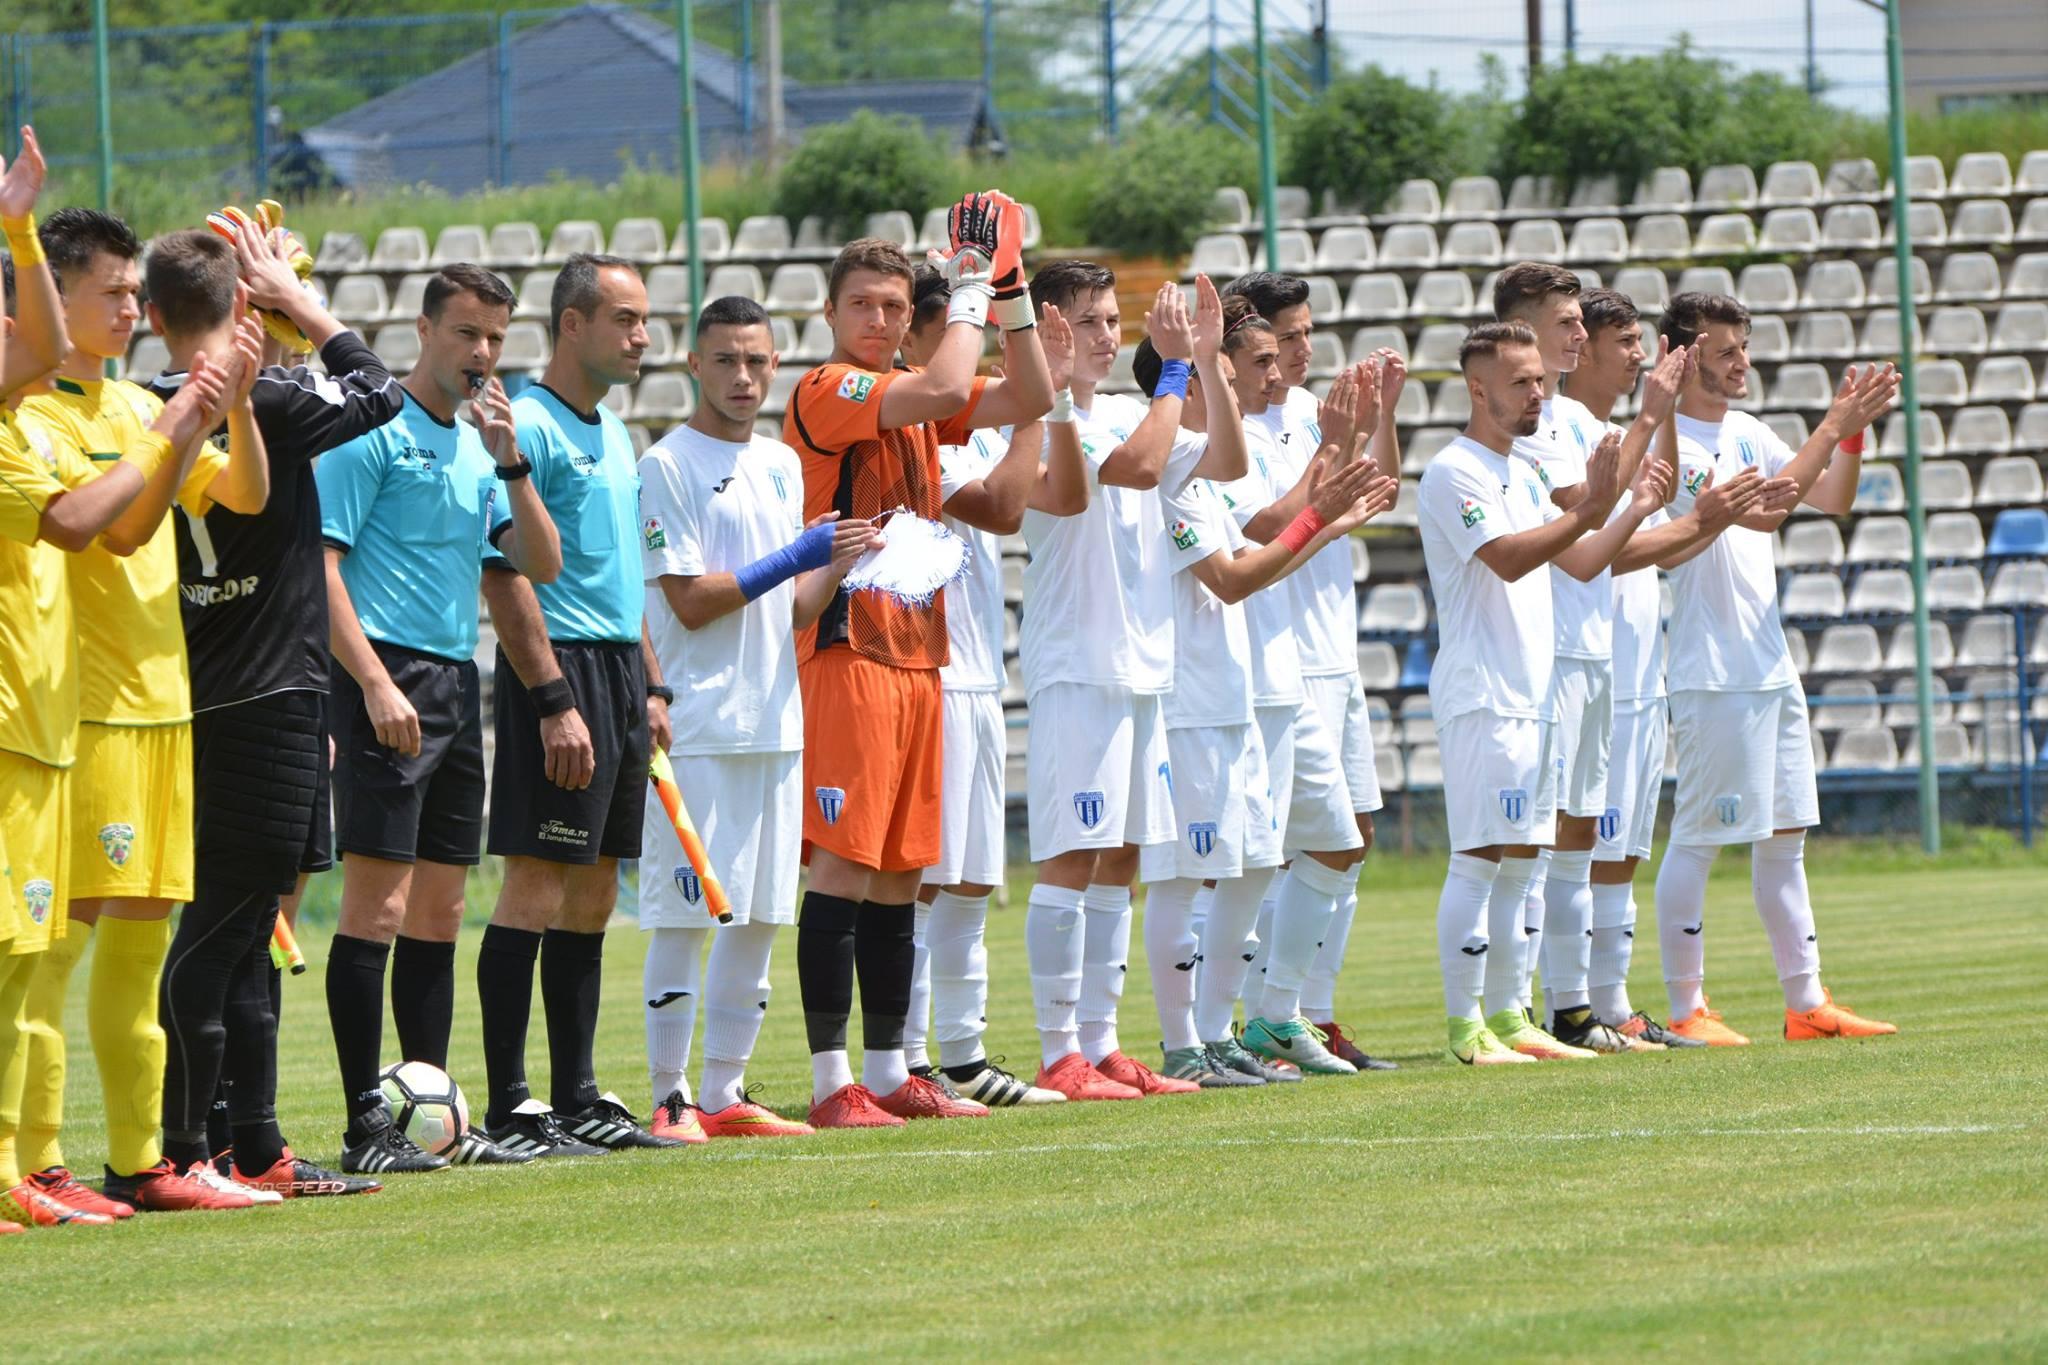 Trupa lui Bon vrea să calce pe urmele echipei mari și să mai aducă un trofeu în Bănie